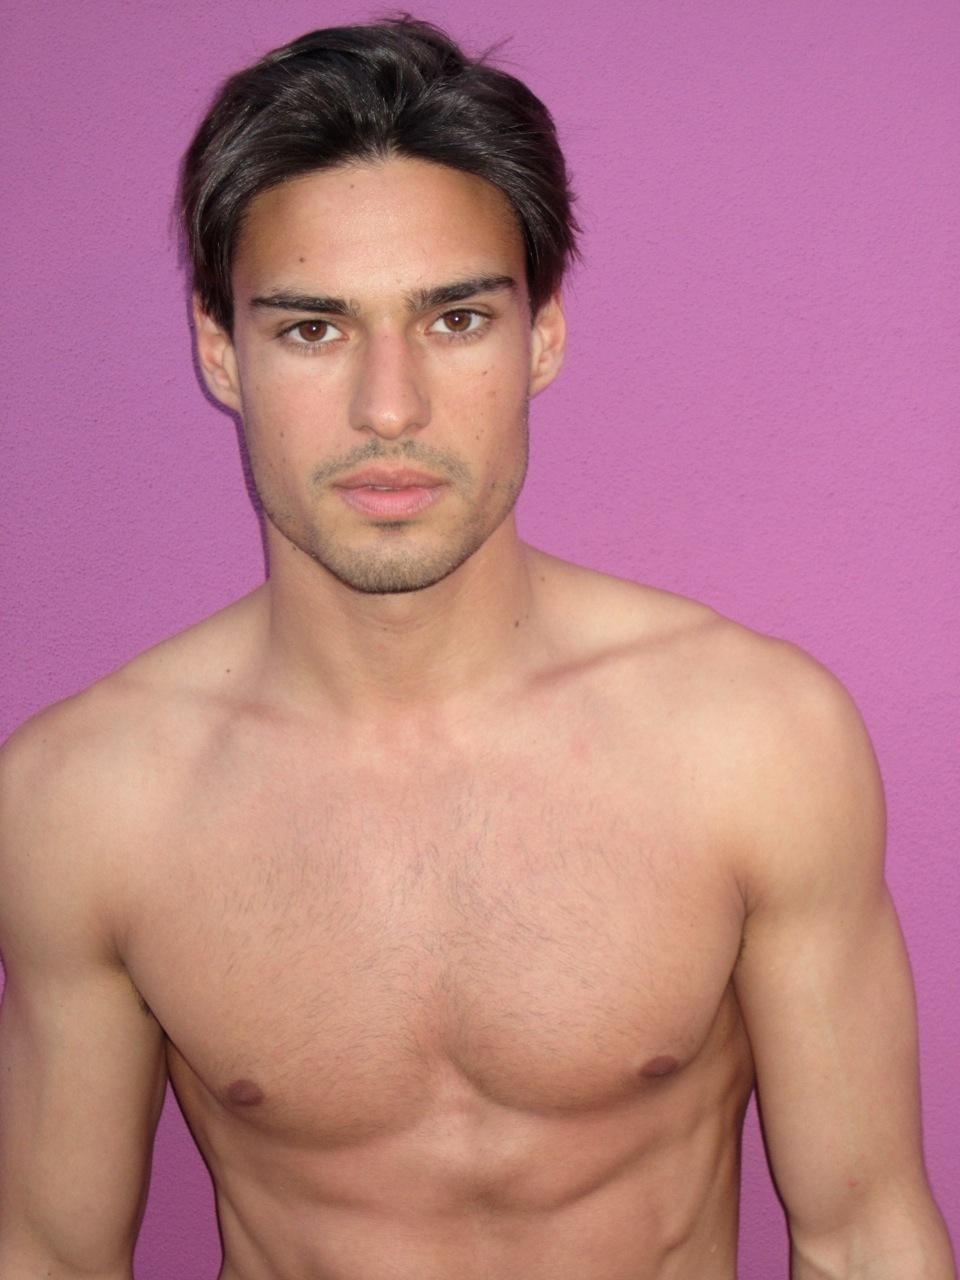 Alex bechet model accept